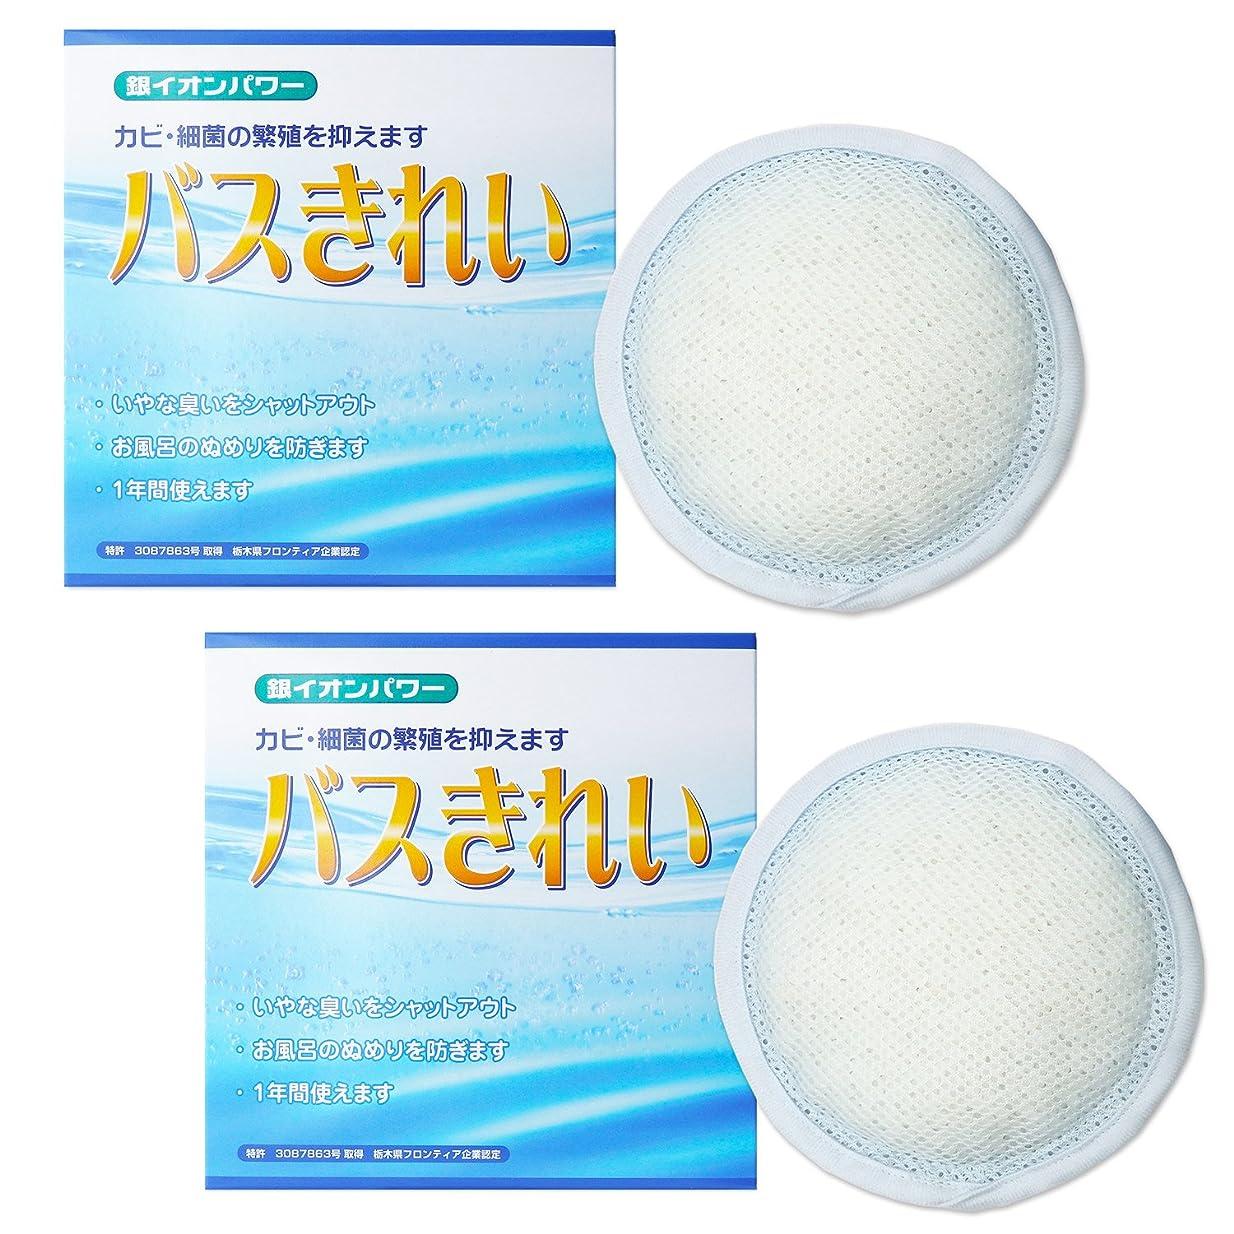 所有者こしょうコインAg+ 銀イオンパワー 【バスきれい 2個セット】 お風呂用銀イオン ポンと入れるだけ1年使えるエコ製品